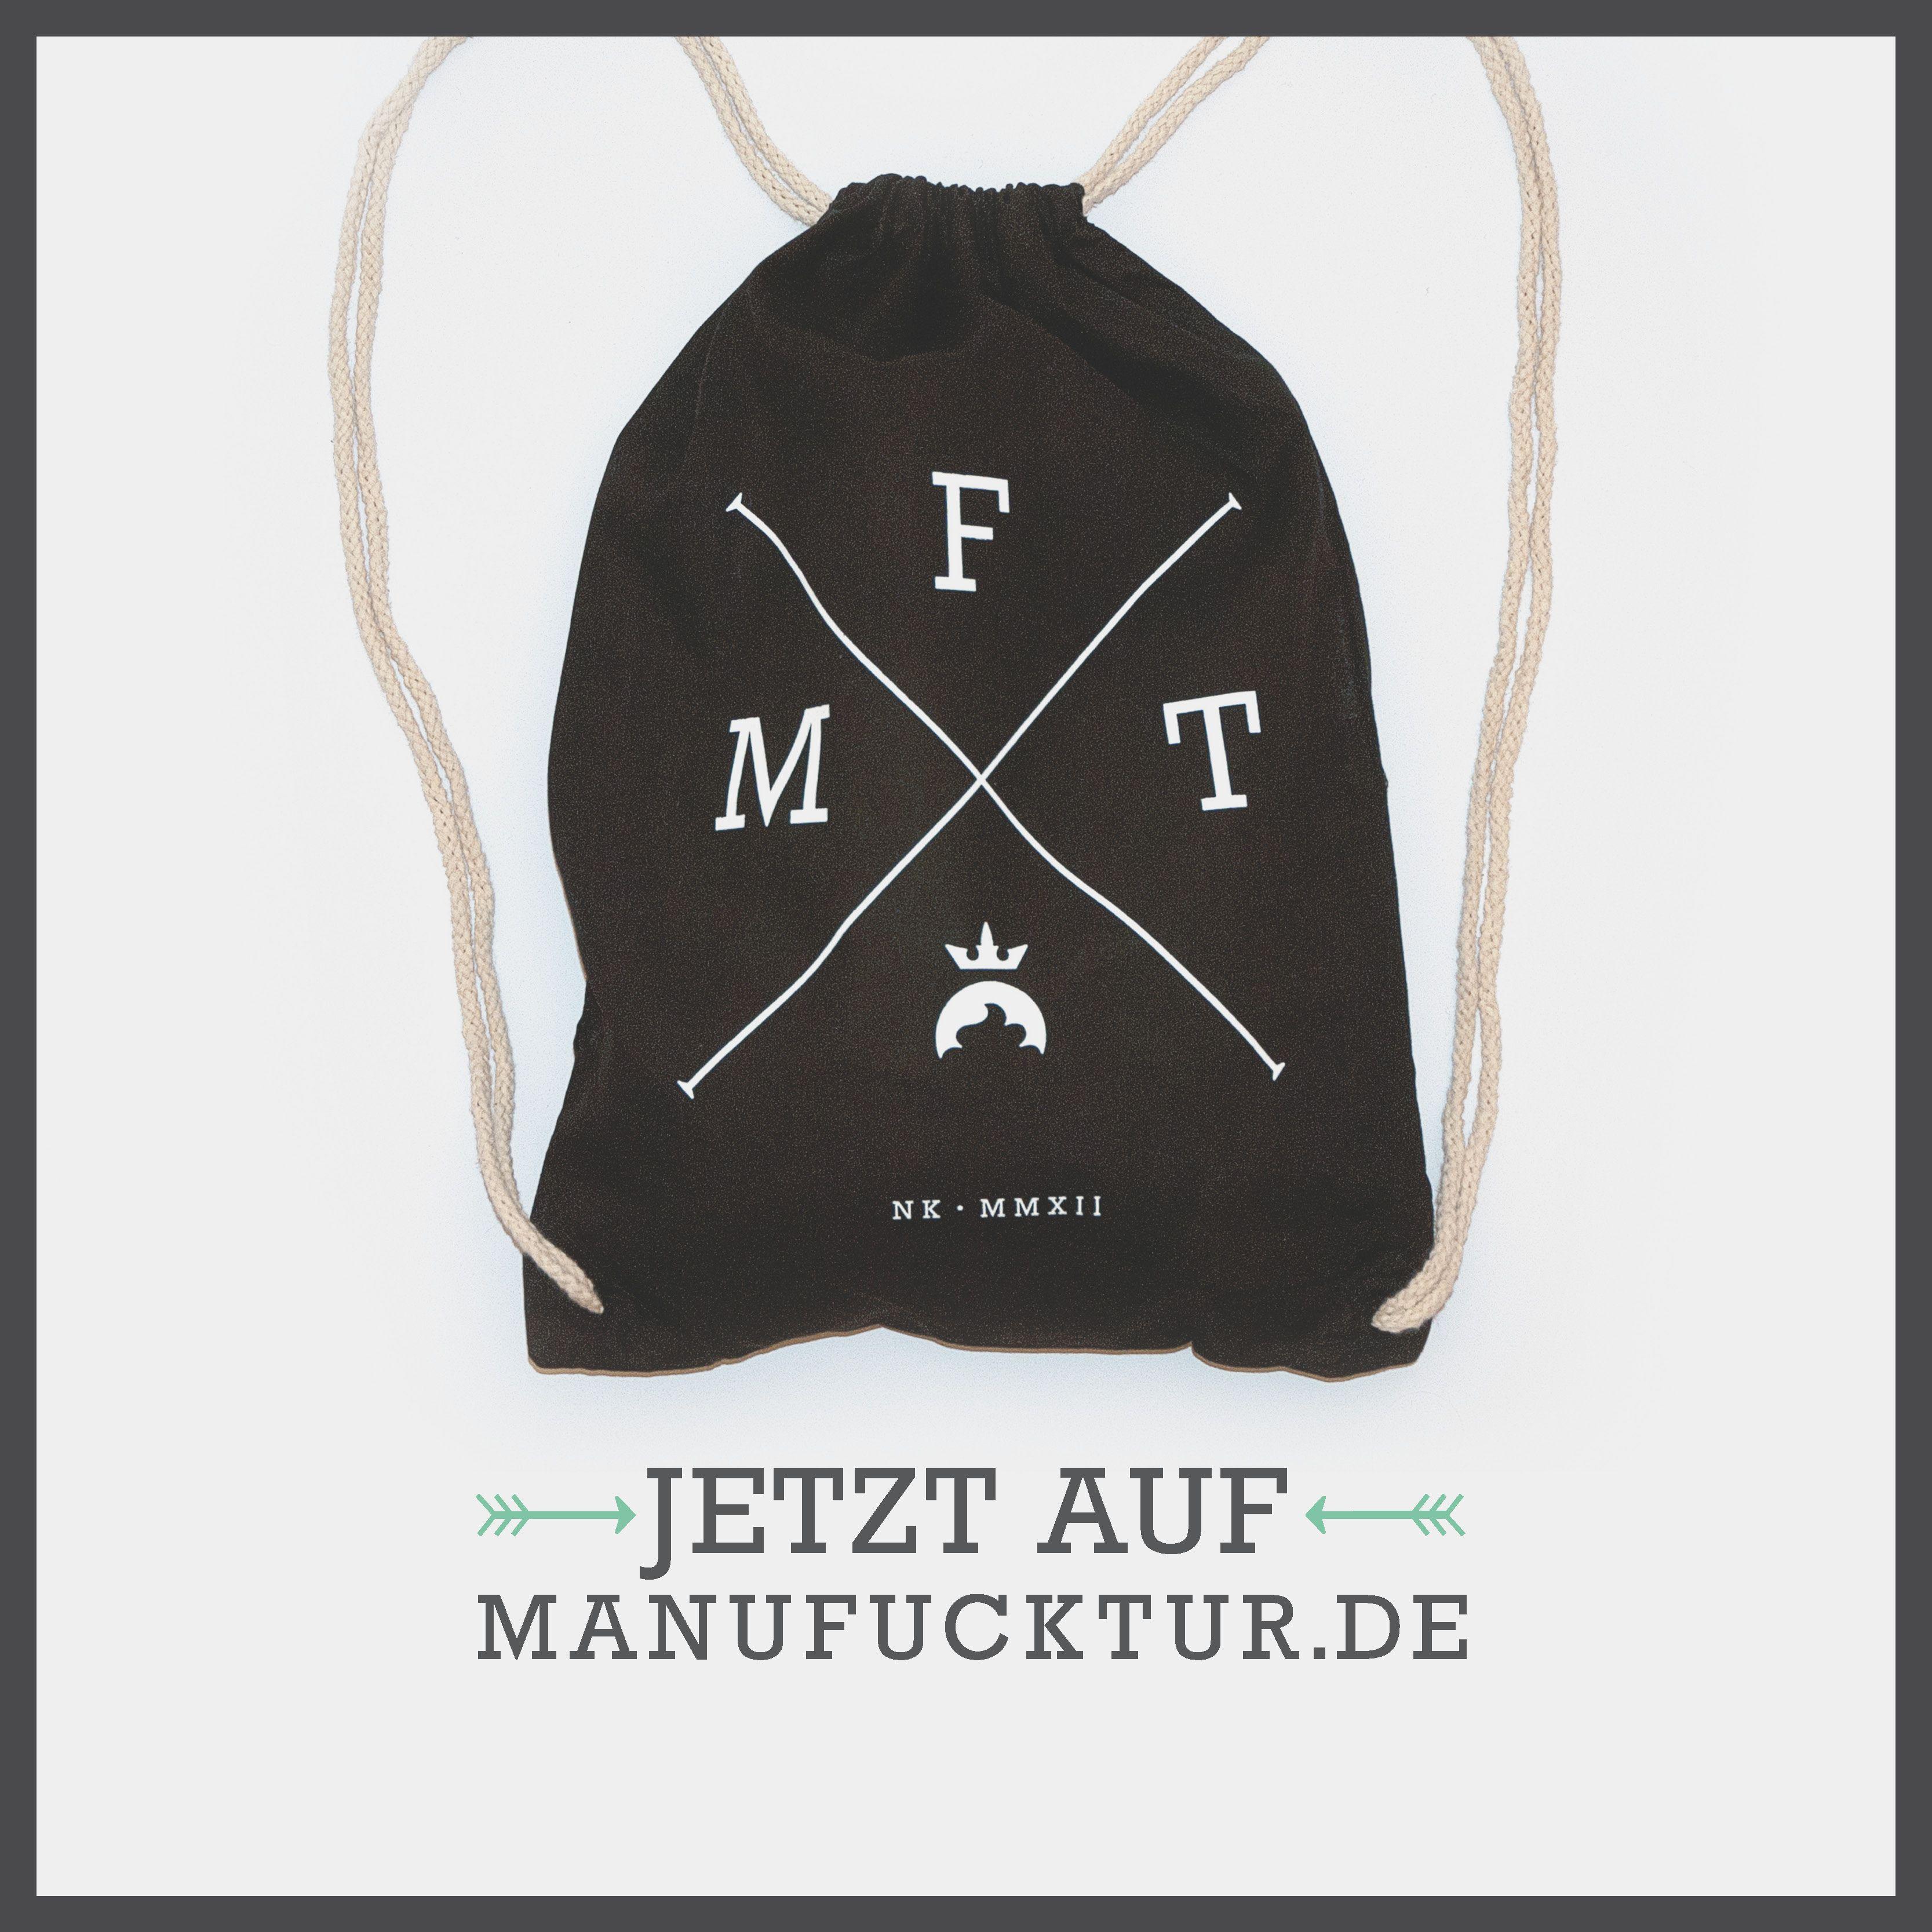 Der X Turnbeutel ist da!   --> www.manufucktur.de